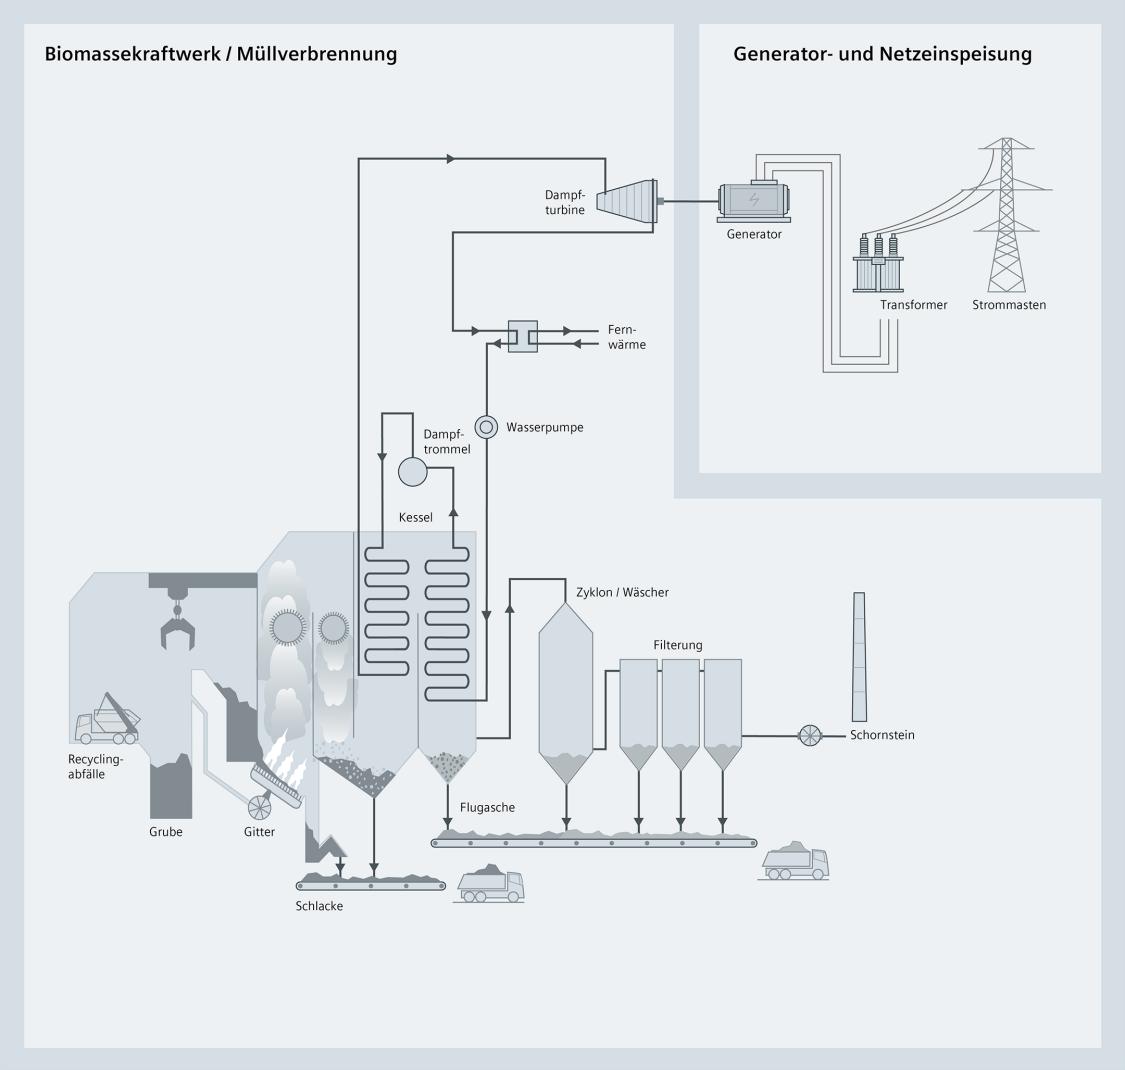 Eine schematische Darstellung von Prozessen in Biomassekraftwerken